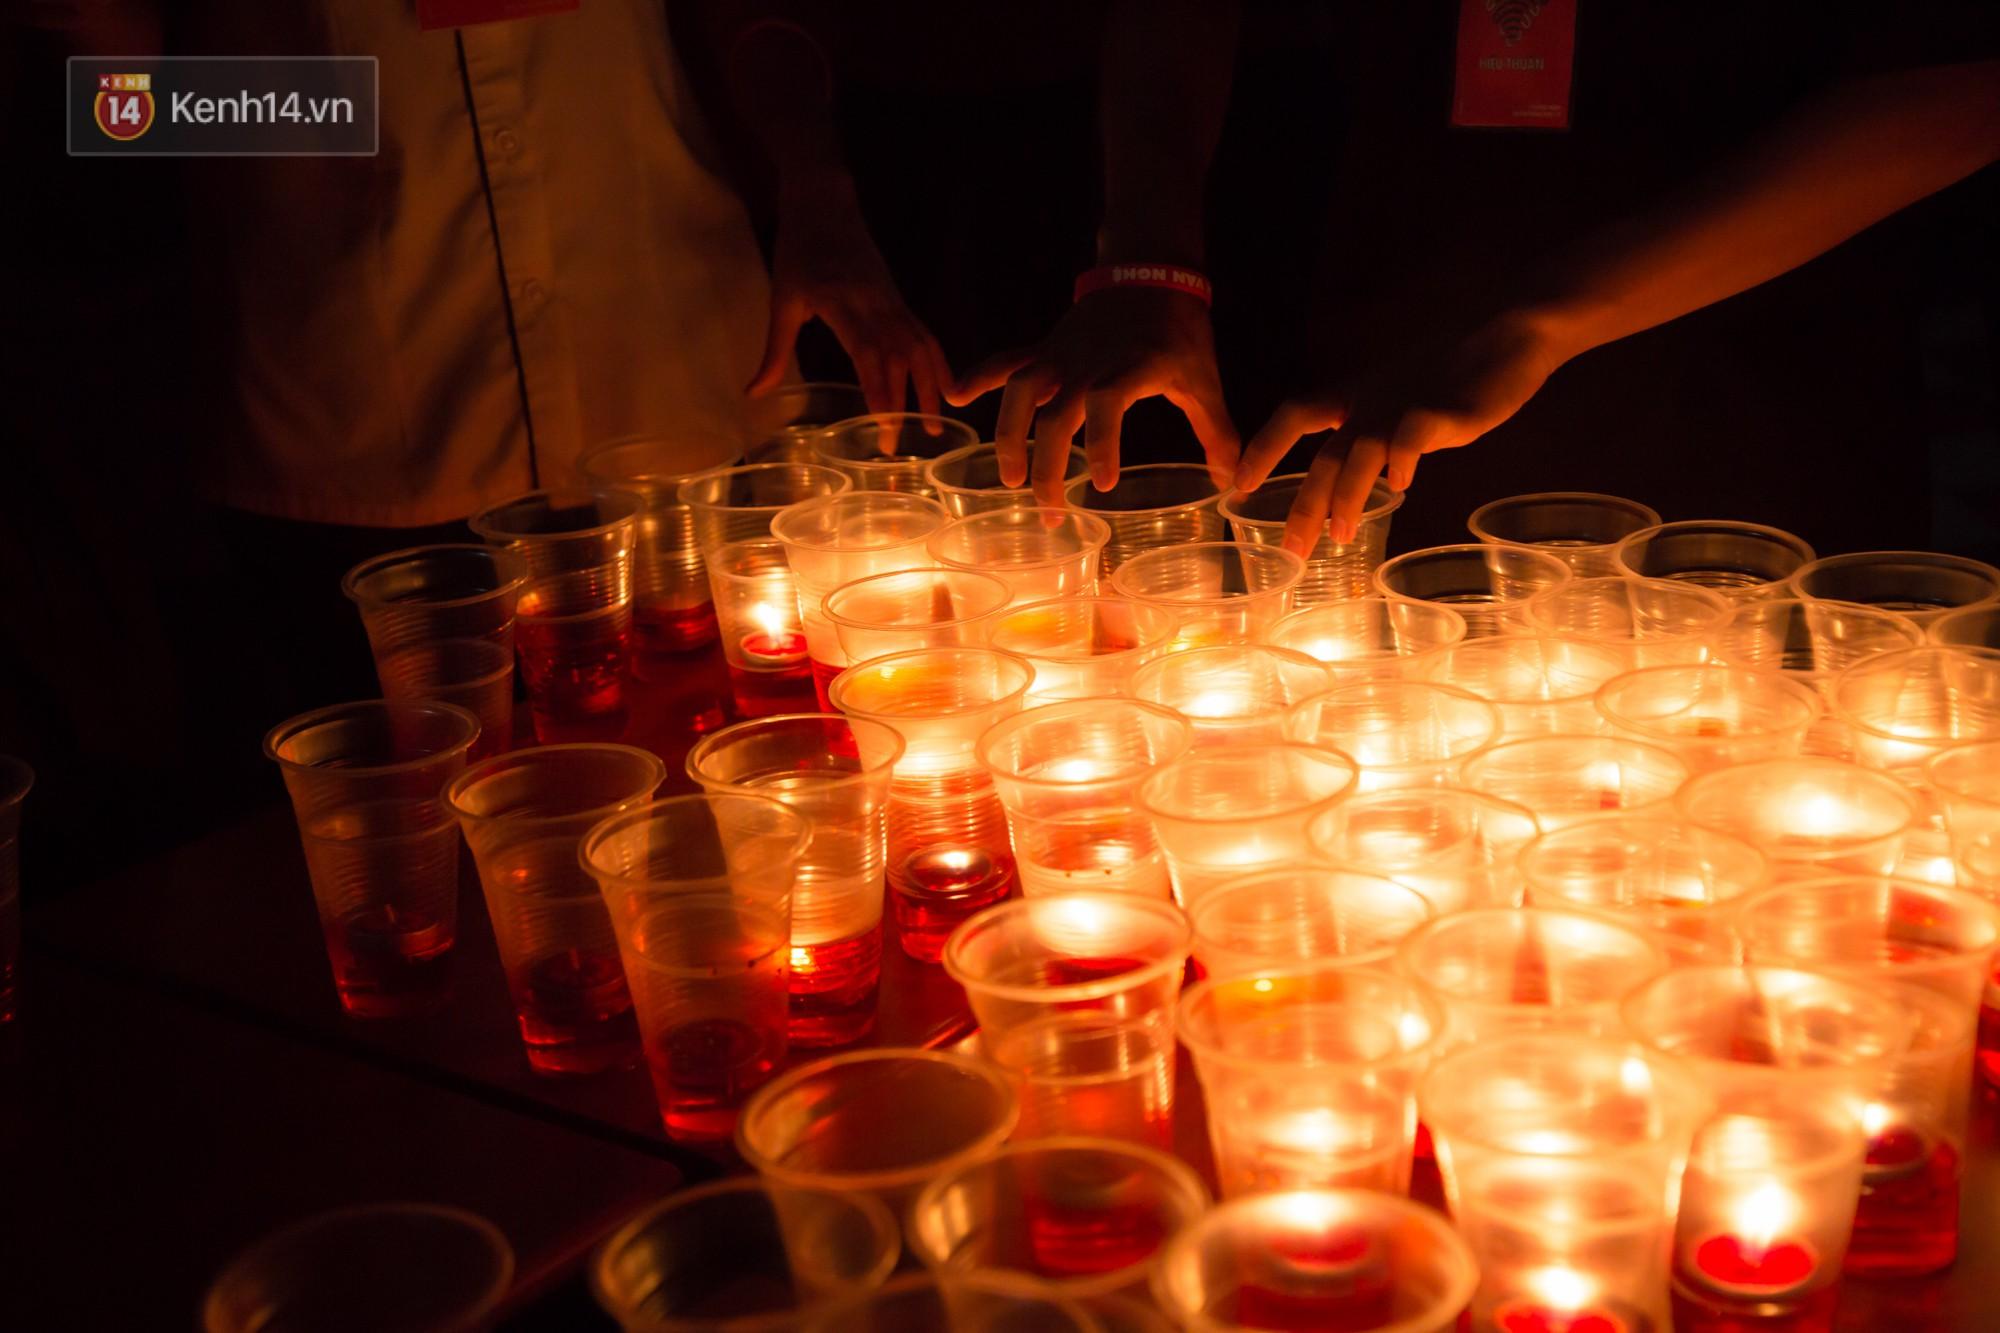 Ngày ra trường của teen Lê Hồng Phong: Nụ cười và nước mắt, bạn tôi ơi xin bên nhau thêm chút nữa!-18